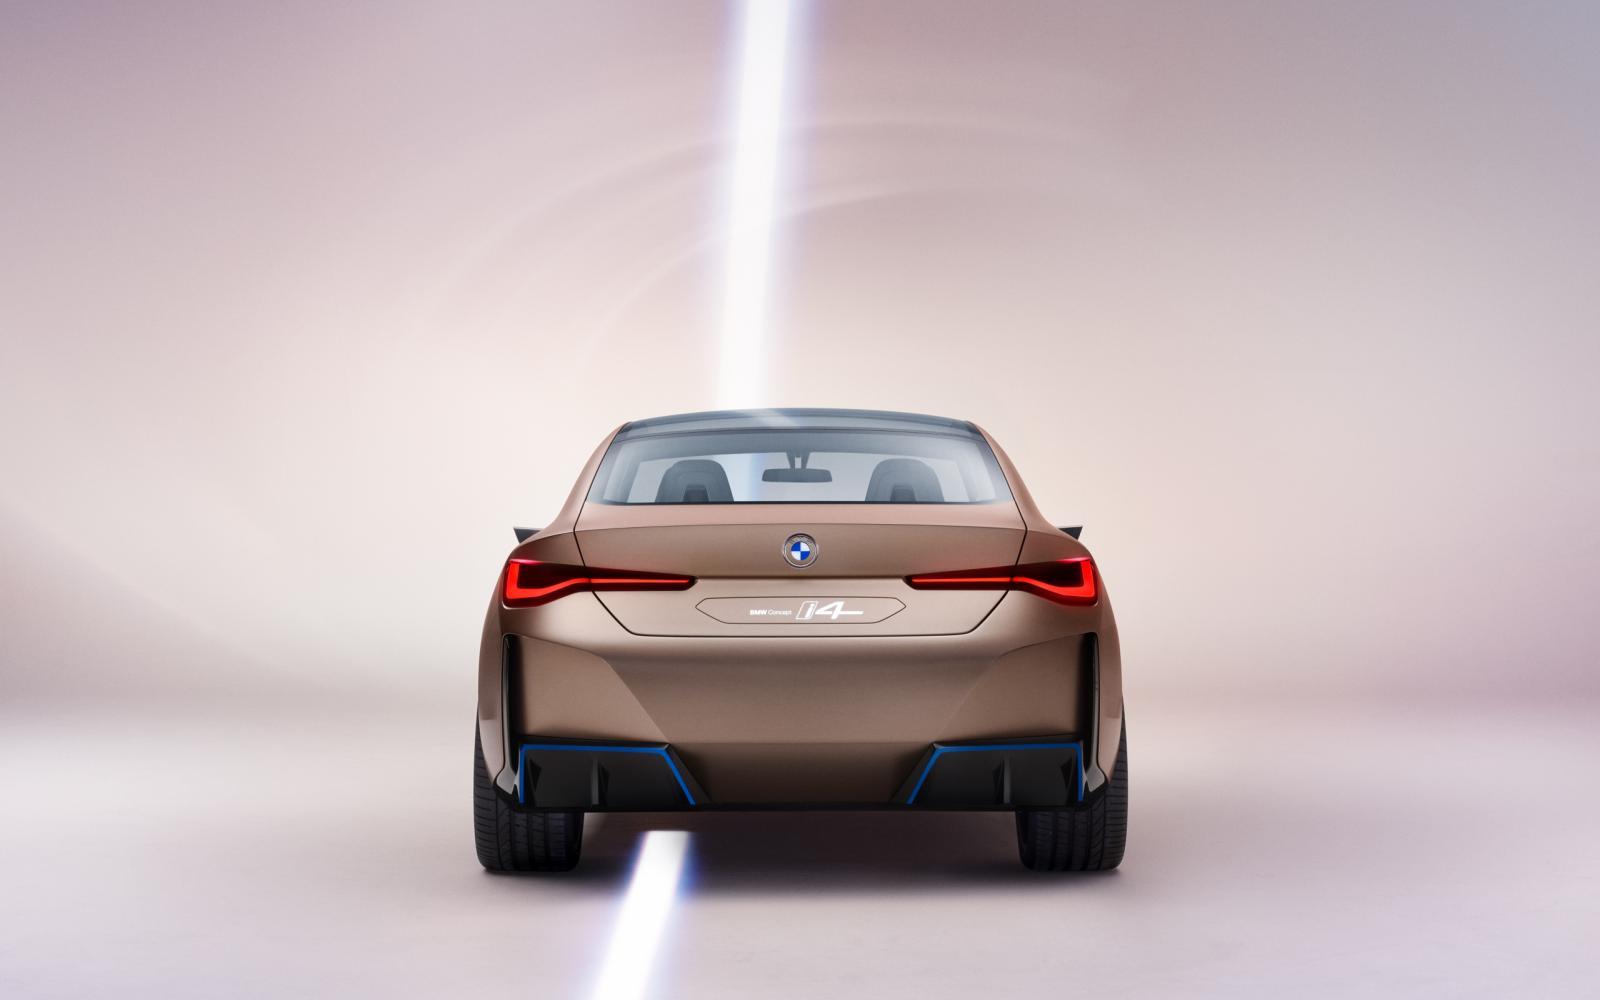 BMW Concept i4 : eindelijk zijn ze wakker in München